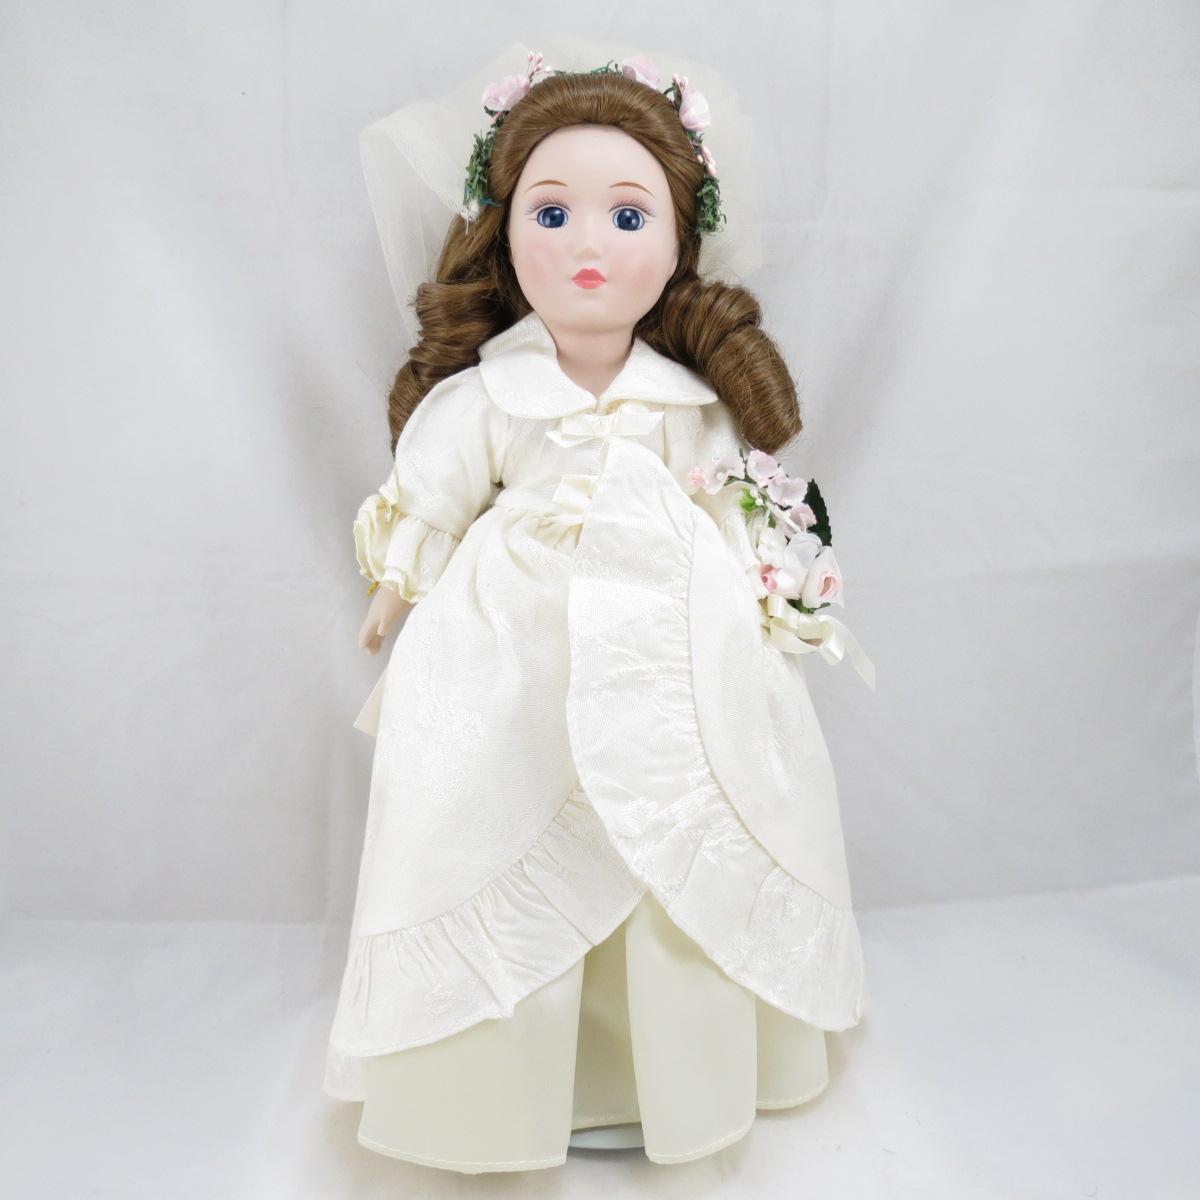 """Декоративная коллекционная фарфоровая кукла из серии """"Невесты Америки"""".  Название куклы - Эбигейл. Колониальная Невеста.  Фирма производитель - Danbury Mint, США. Высота Куклы - 31,5см. Сохранность - Очень хорошая, без сколов, трещин и царапин.  Используется исключительно в декоративных целях.  Коробка не является декоративной и предназначена для пересылки по почте, так что, может иметь пометки и потёртости, учитывая возраст куклы."""